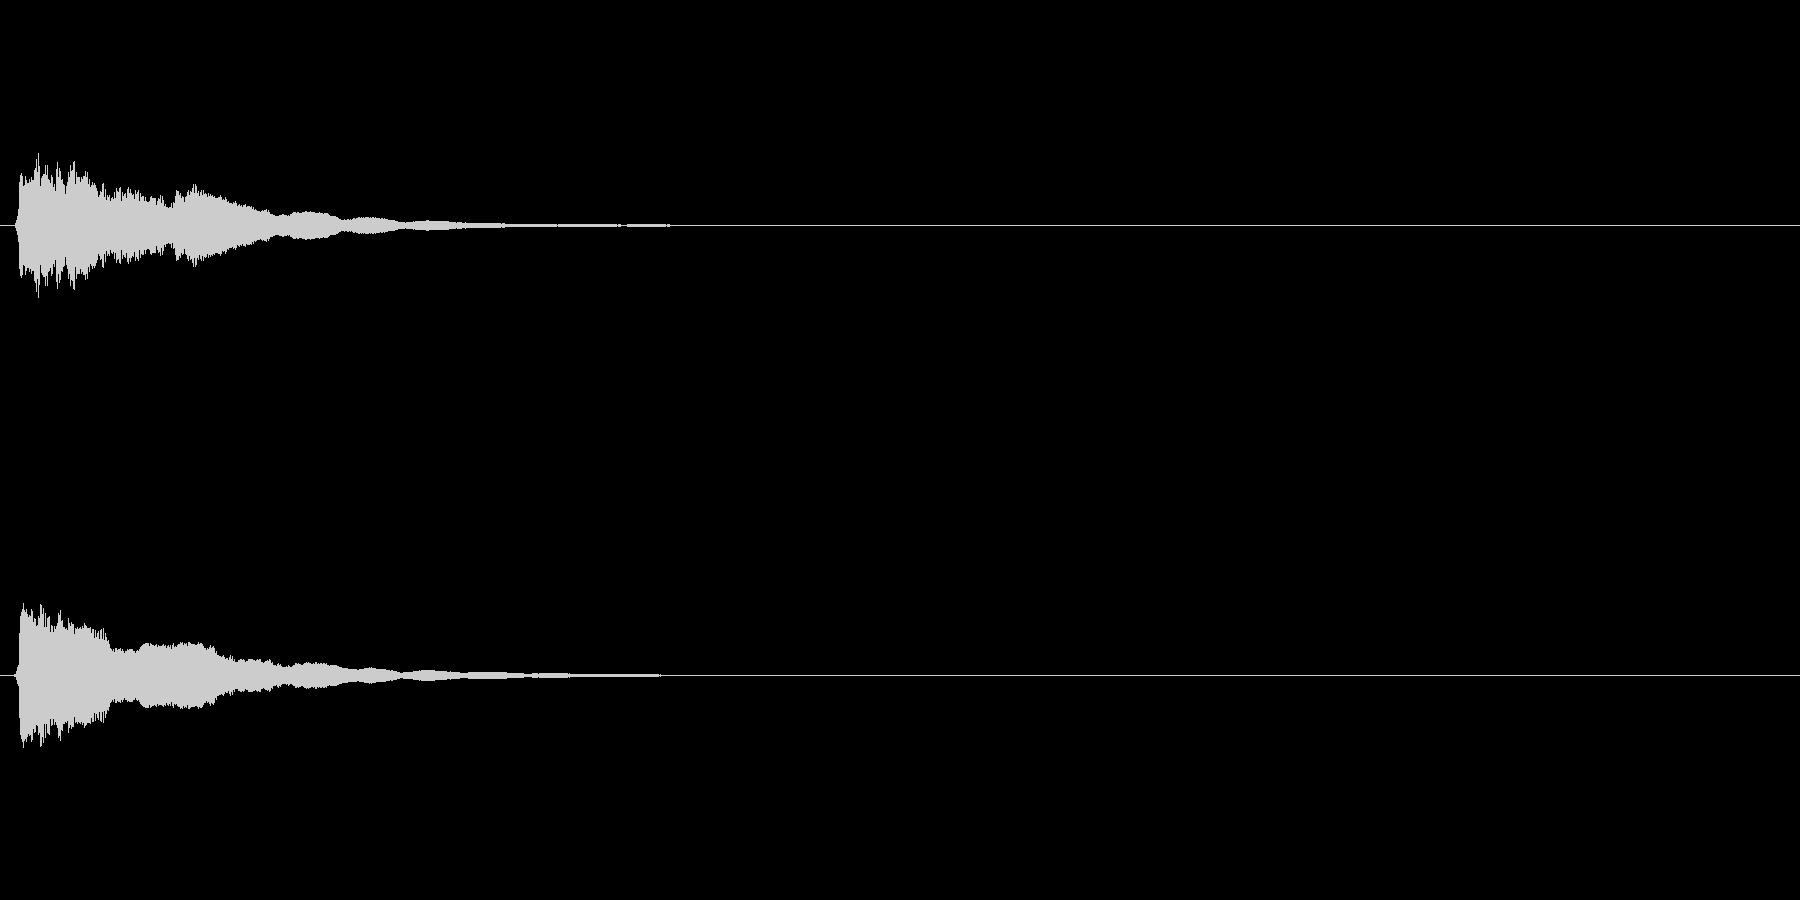 キラキラ系_108の未再生の波形